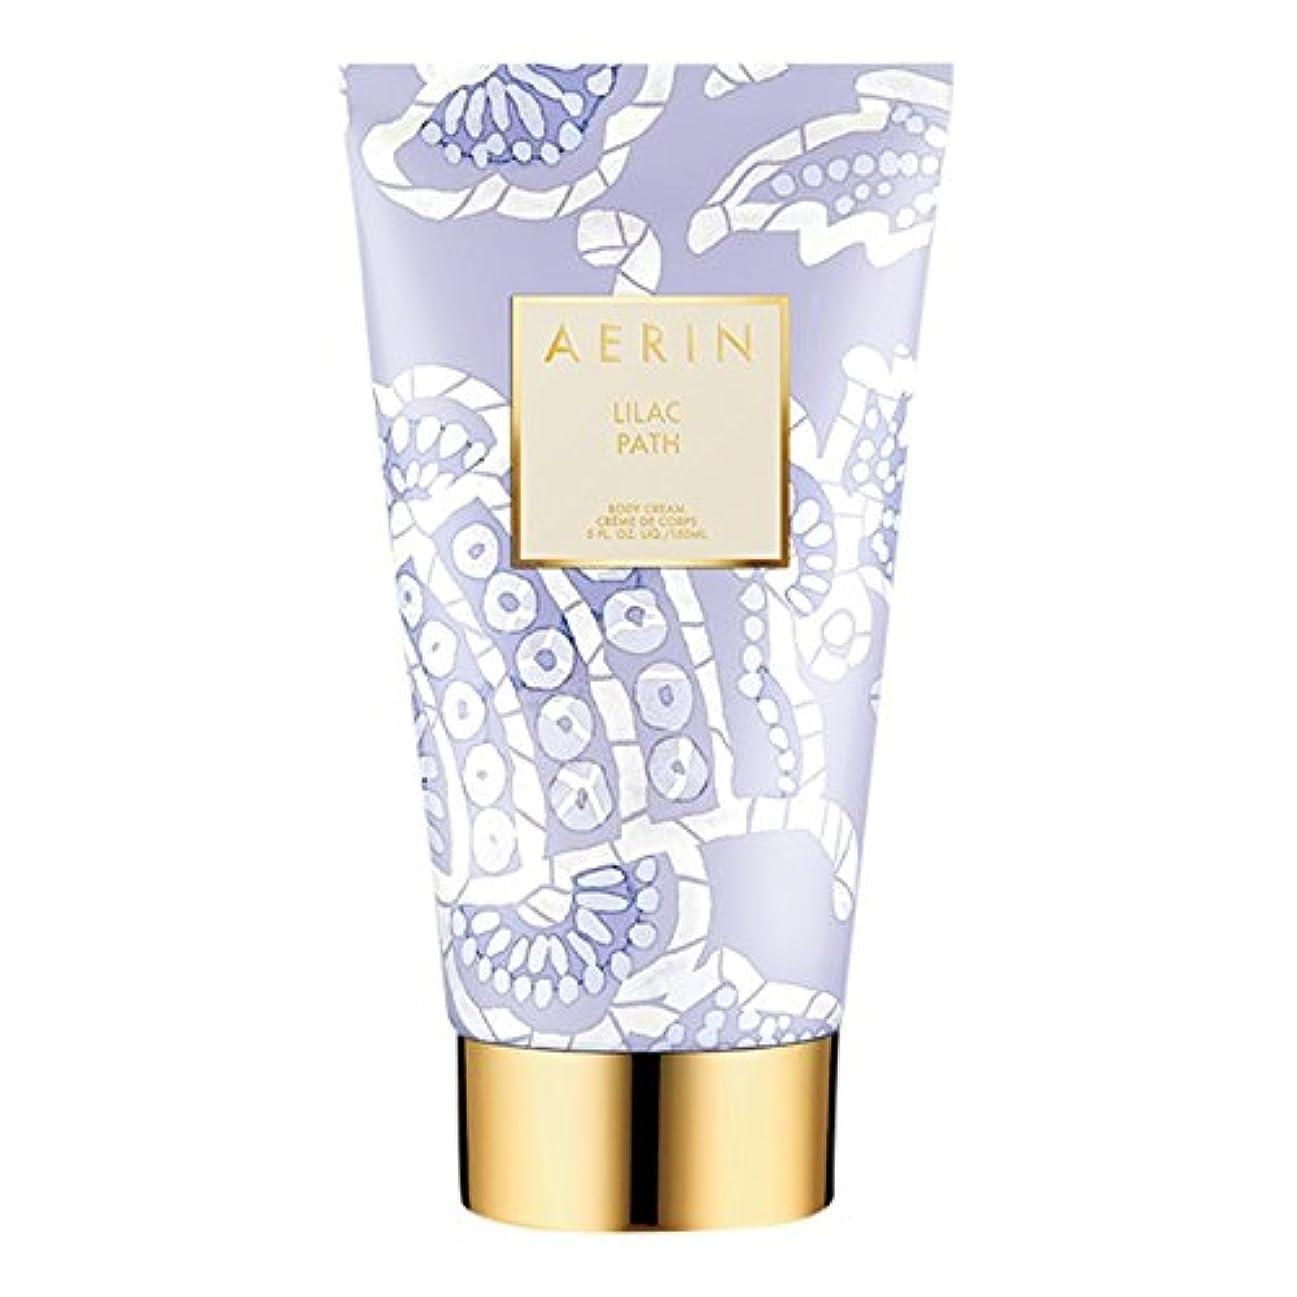 四バス習字Aerinライラックパスボディクリーム150ミリリットル (AERIN) (x2) - AERIN Lilac Path Body Cream 150ml (Pack of 2) [並行輸入品]